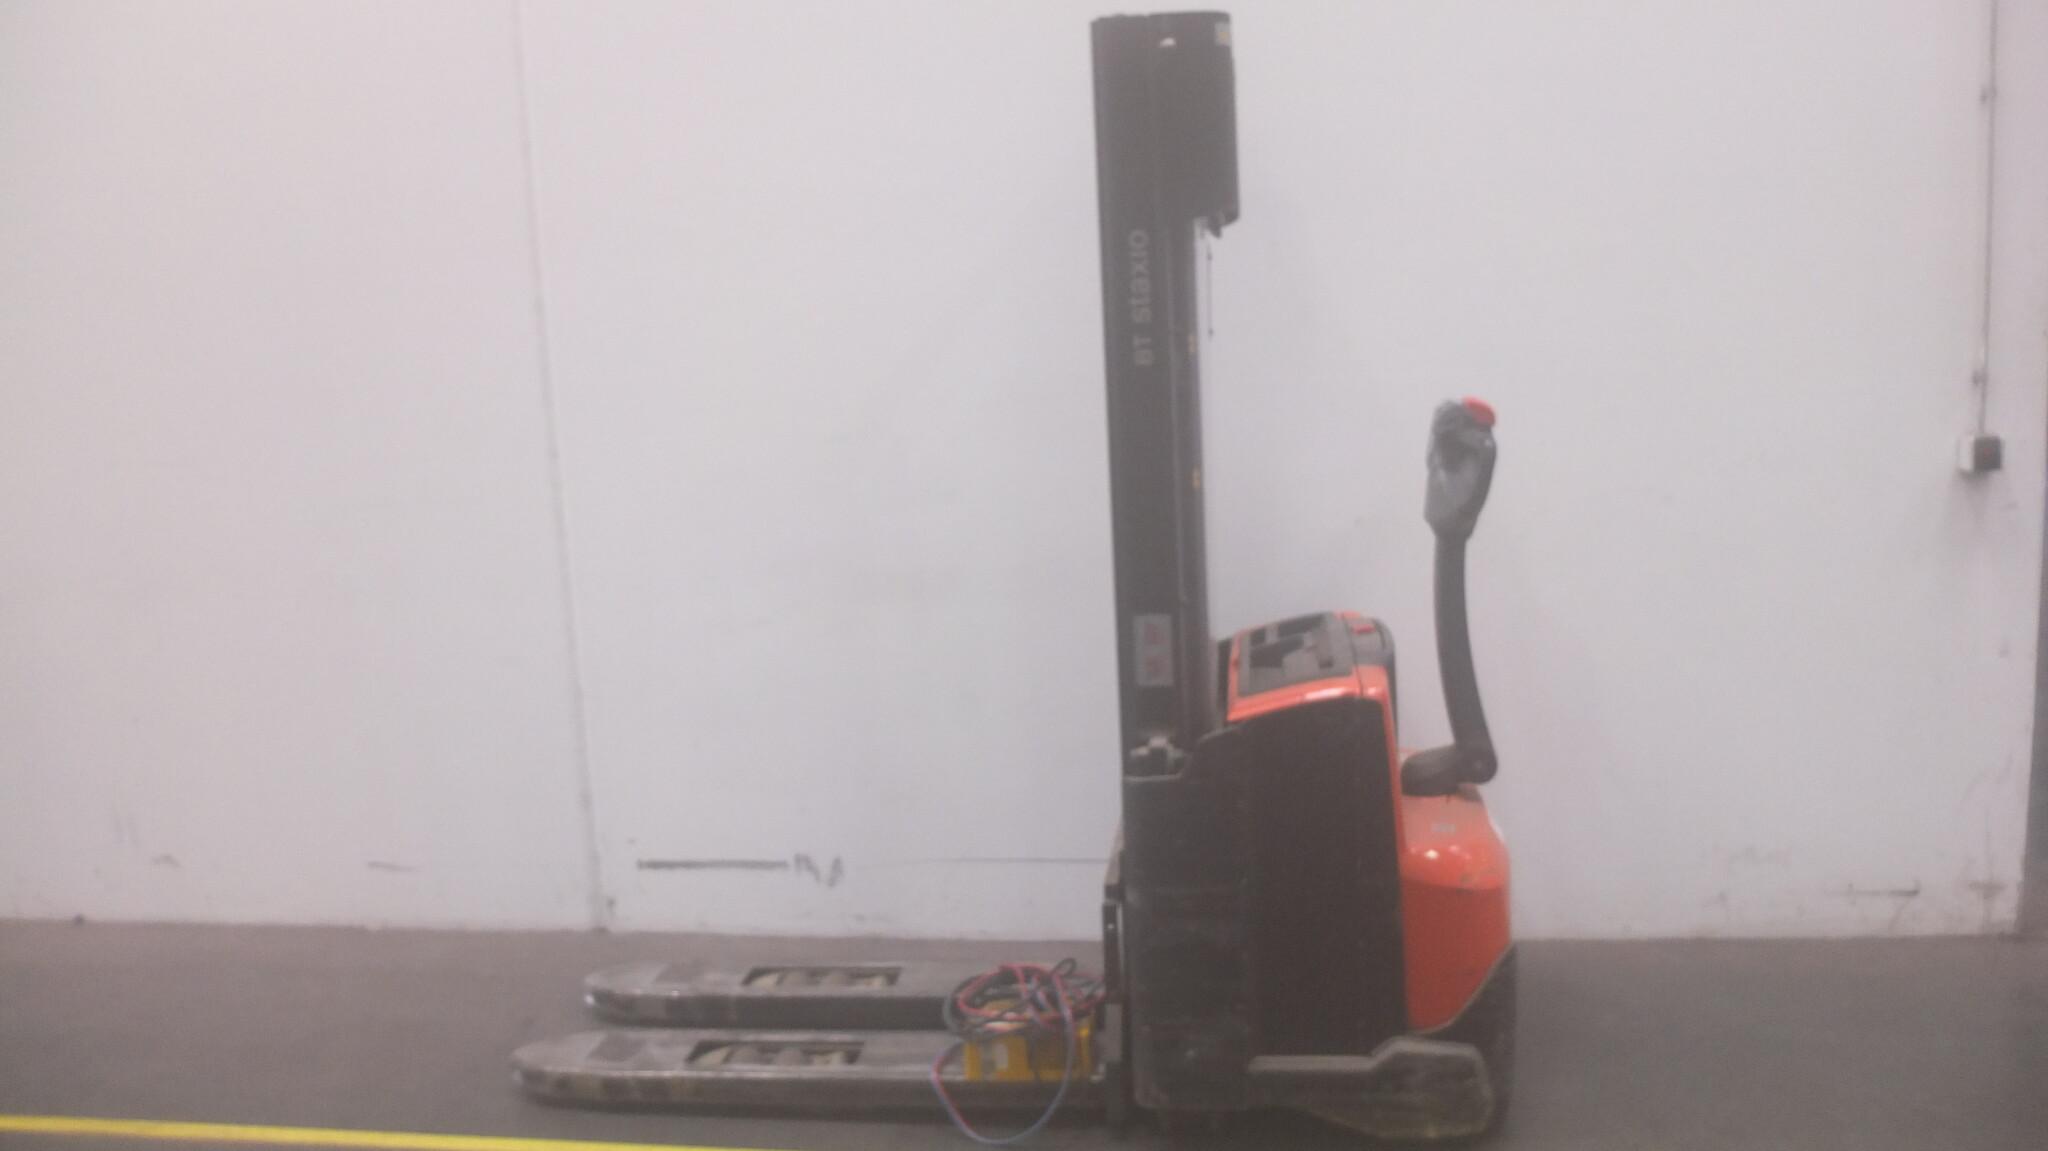 Toyota-Gabelstapler-59840 1502016731 1 scaled